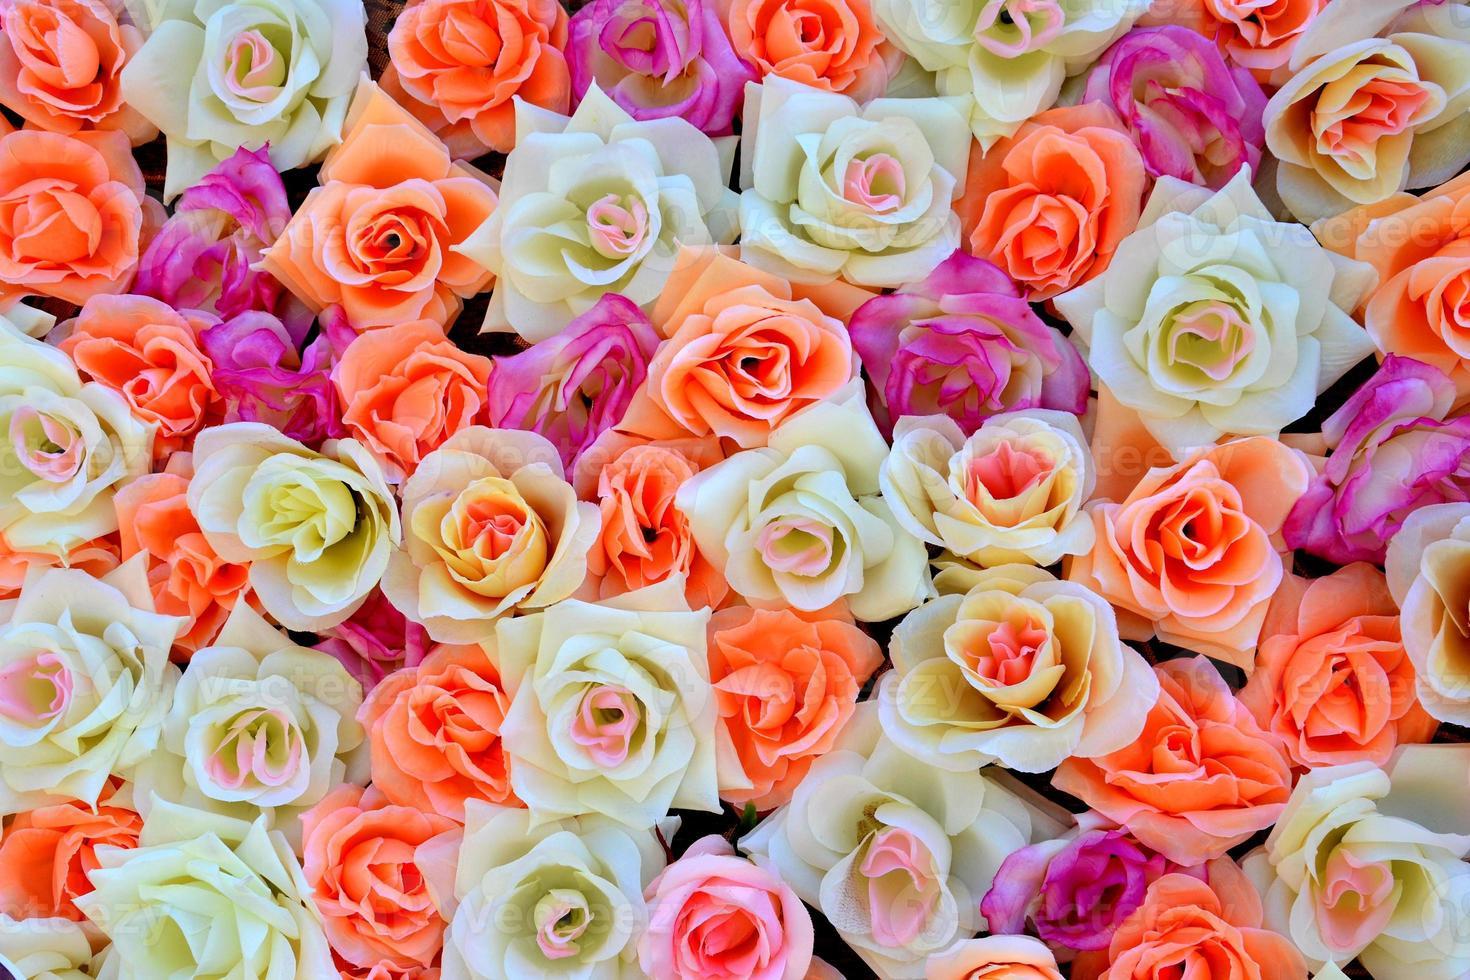 sfondo di rose colorate foto